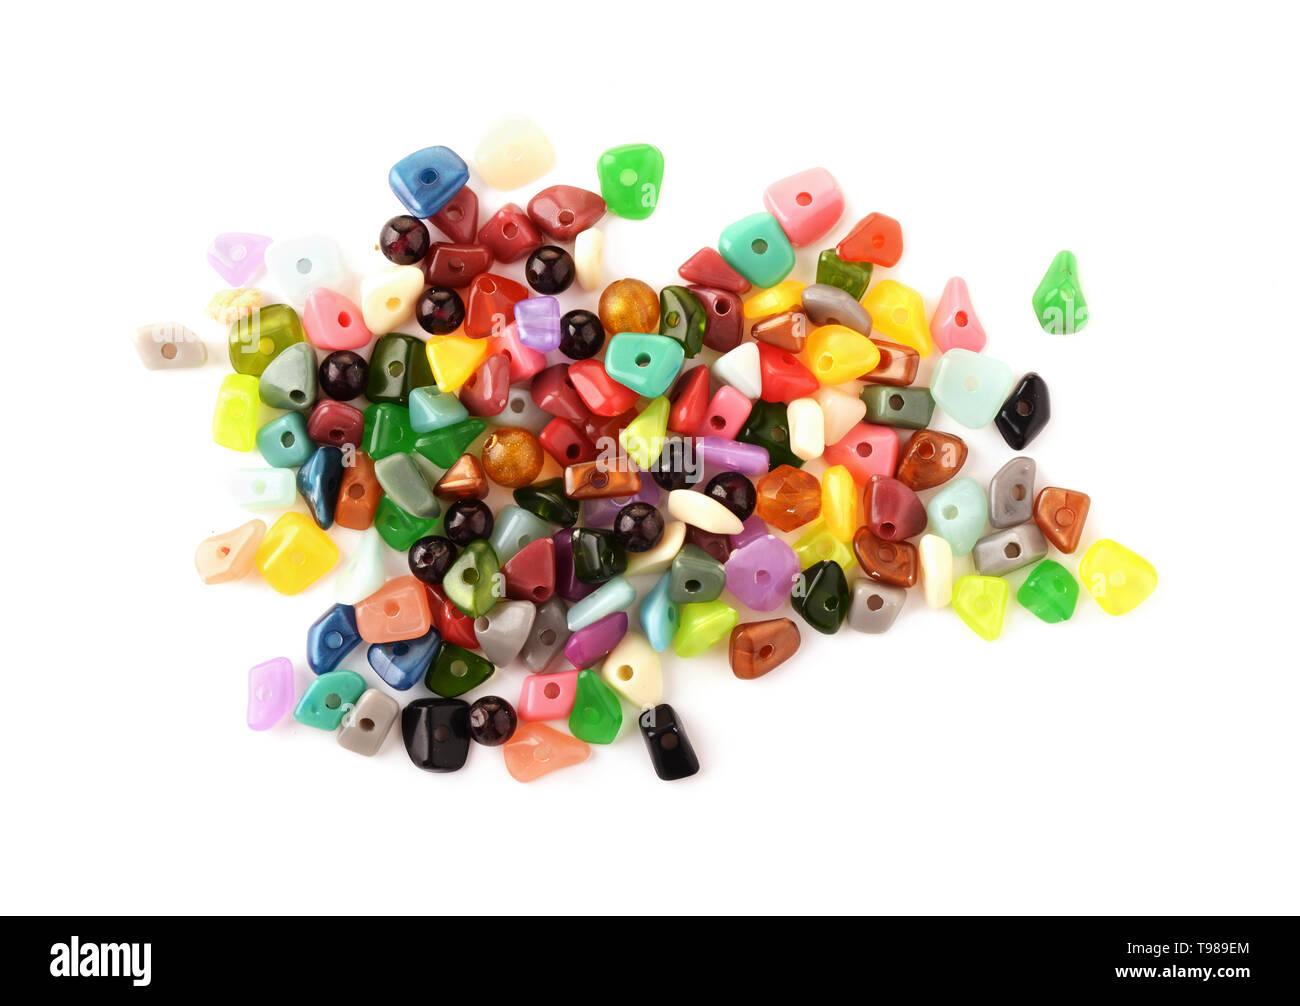 Cordones de colores. Microesferas de vidrio, semillas y aterciopeladas para bisuteria decisiones sobre fondo blanco. Hobby, Handmade, bellas artes. Foto de stock